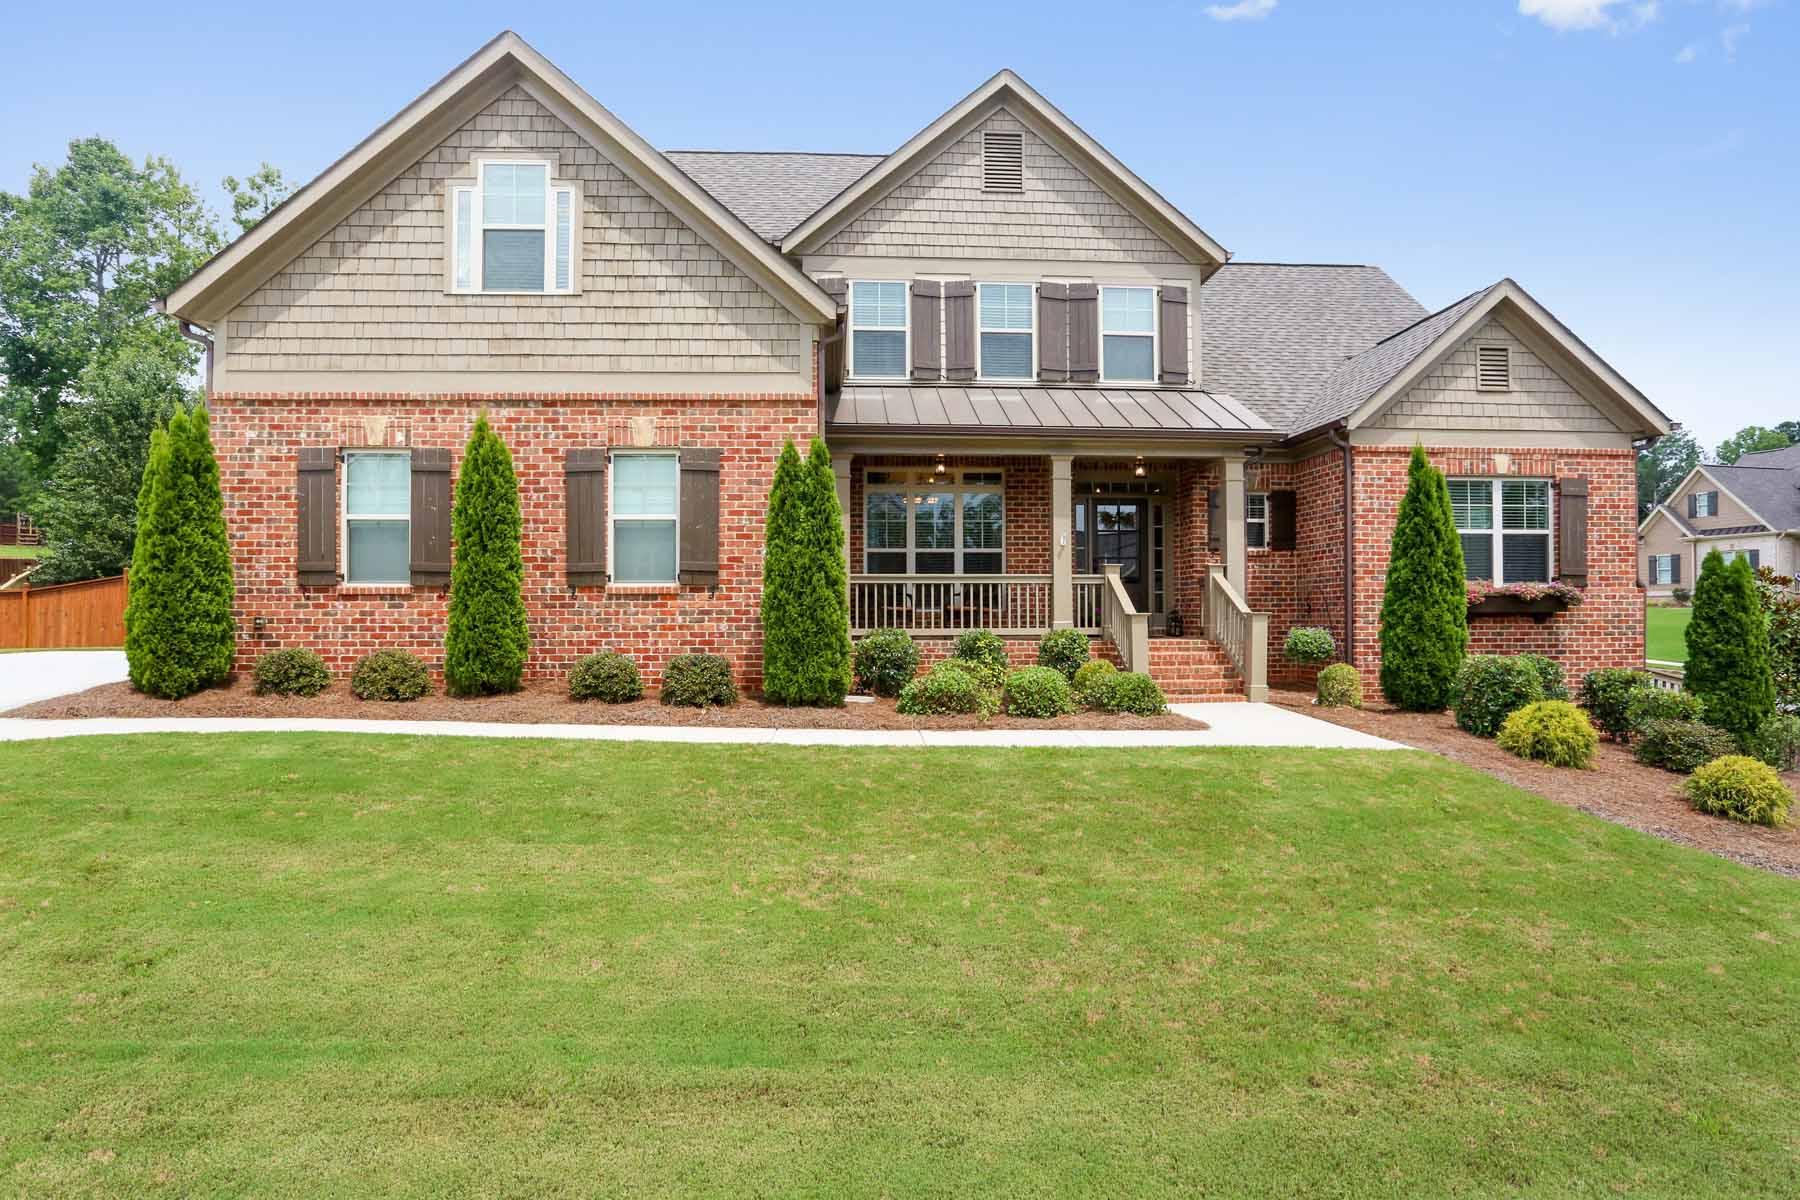 Maison unifamiliale pour l Vente à Pristine Condition on Private Corner Lot 6415 Farmview Drive NW Acworth, Georgia, 30101 États-Unis